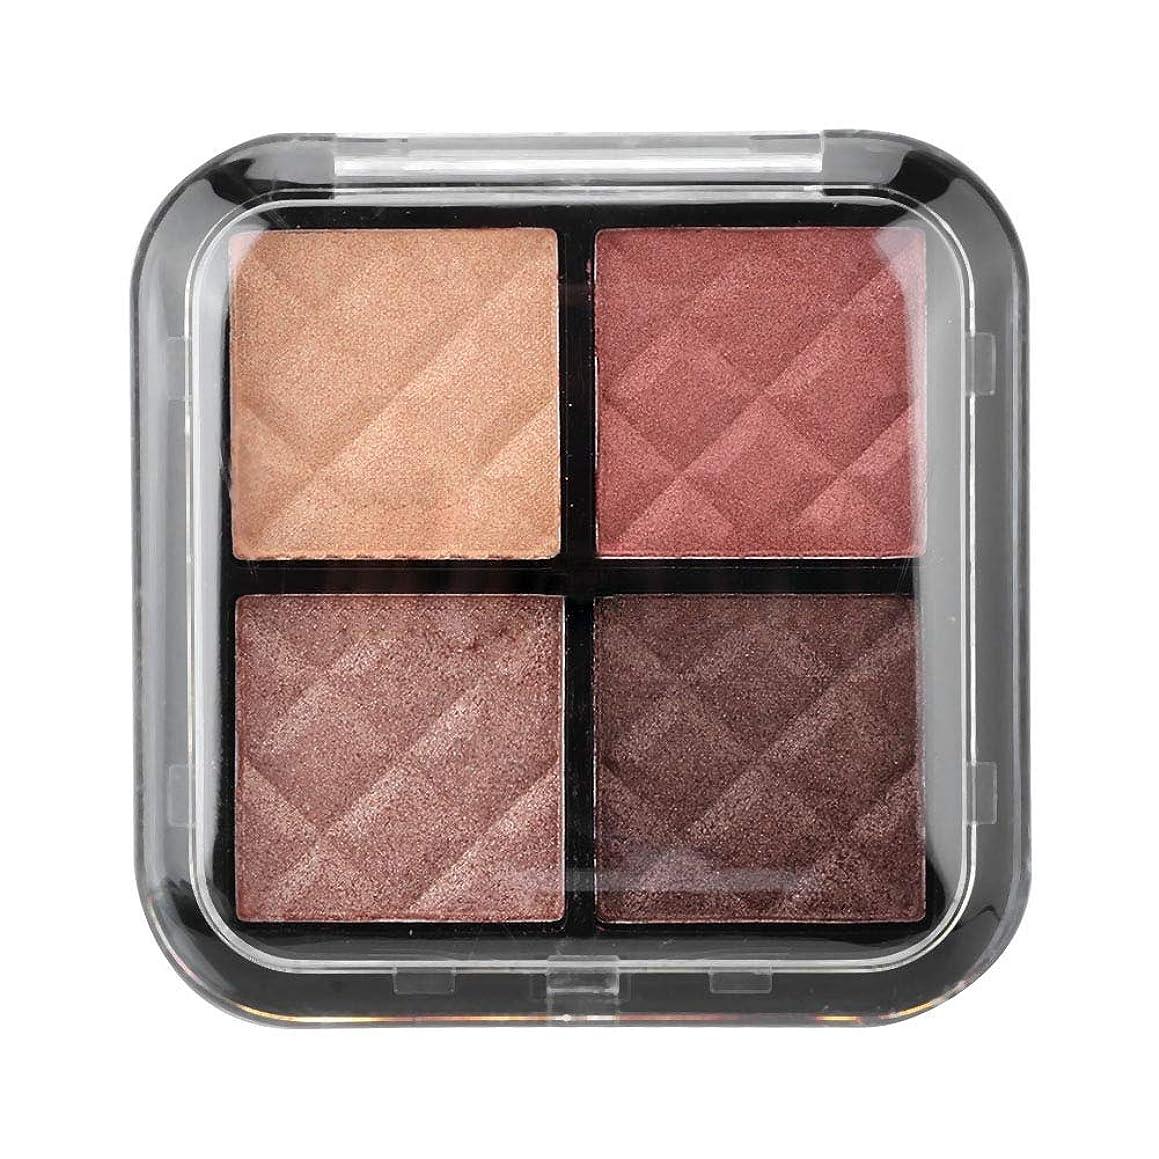 対立特権オレンジアイシャドウパレット 4色 化粧マット 化粧品ツール グロス アイシャドウパウダー(01)